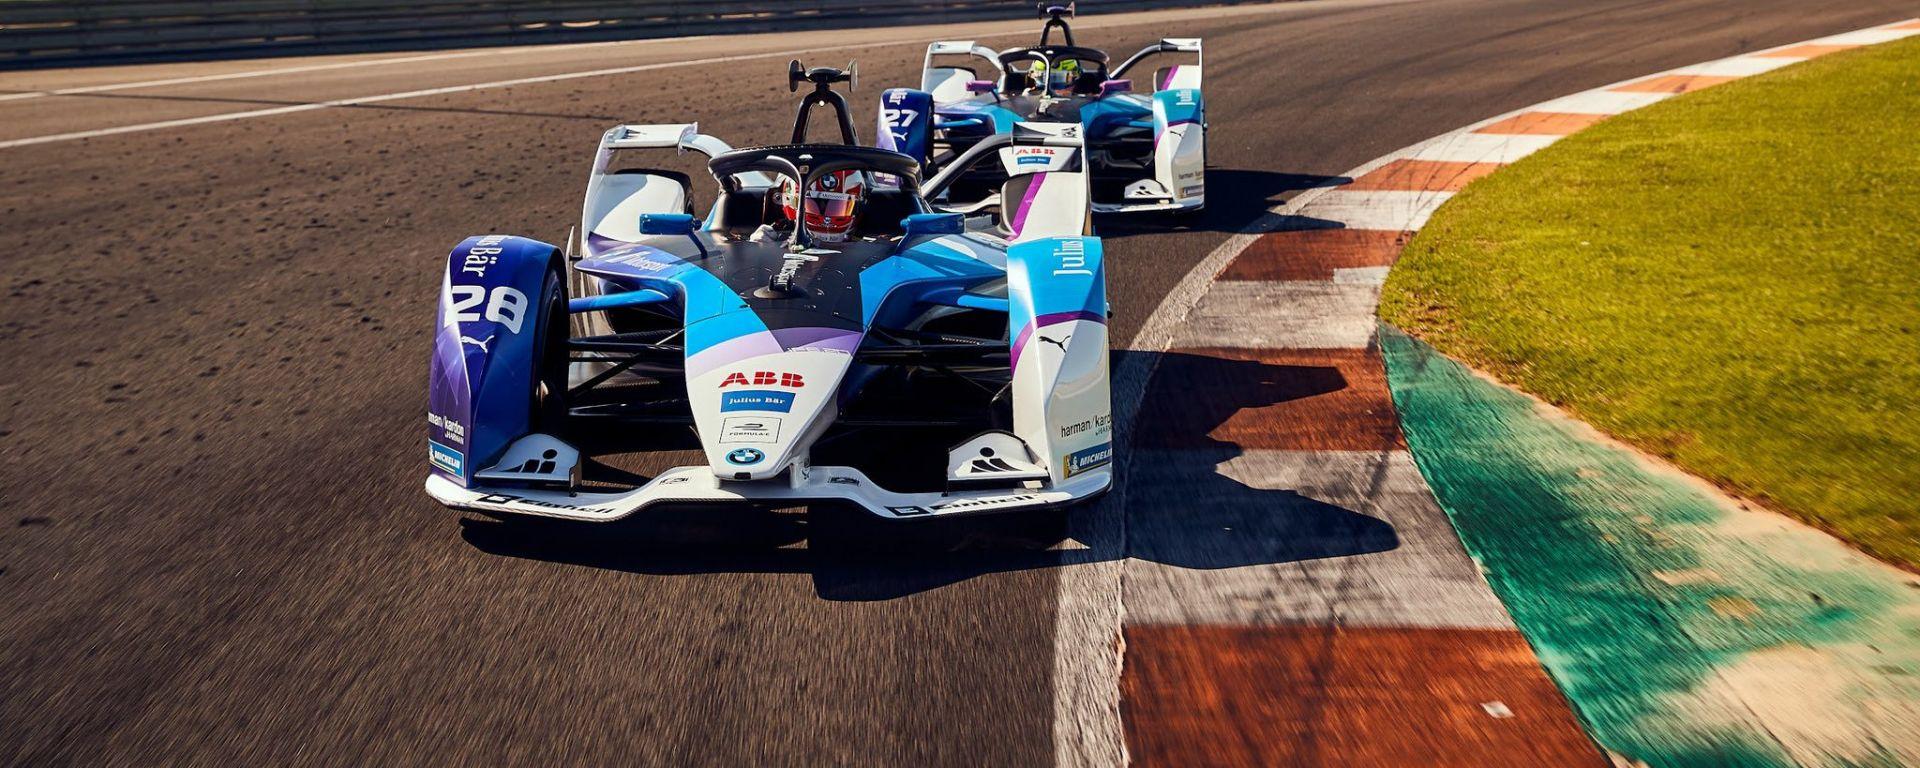 Formula E 2019-2020, la nuova iFE.20 del team Bmw i Andretti Motorsport